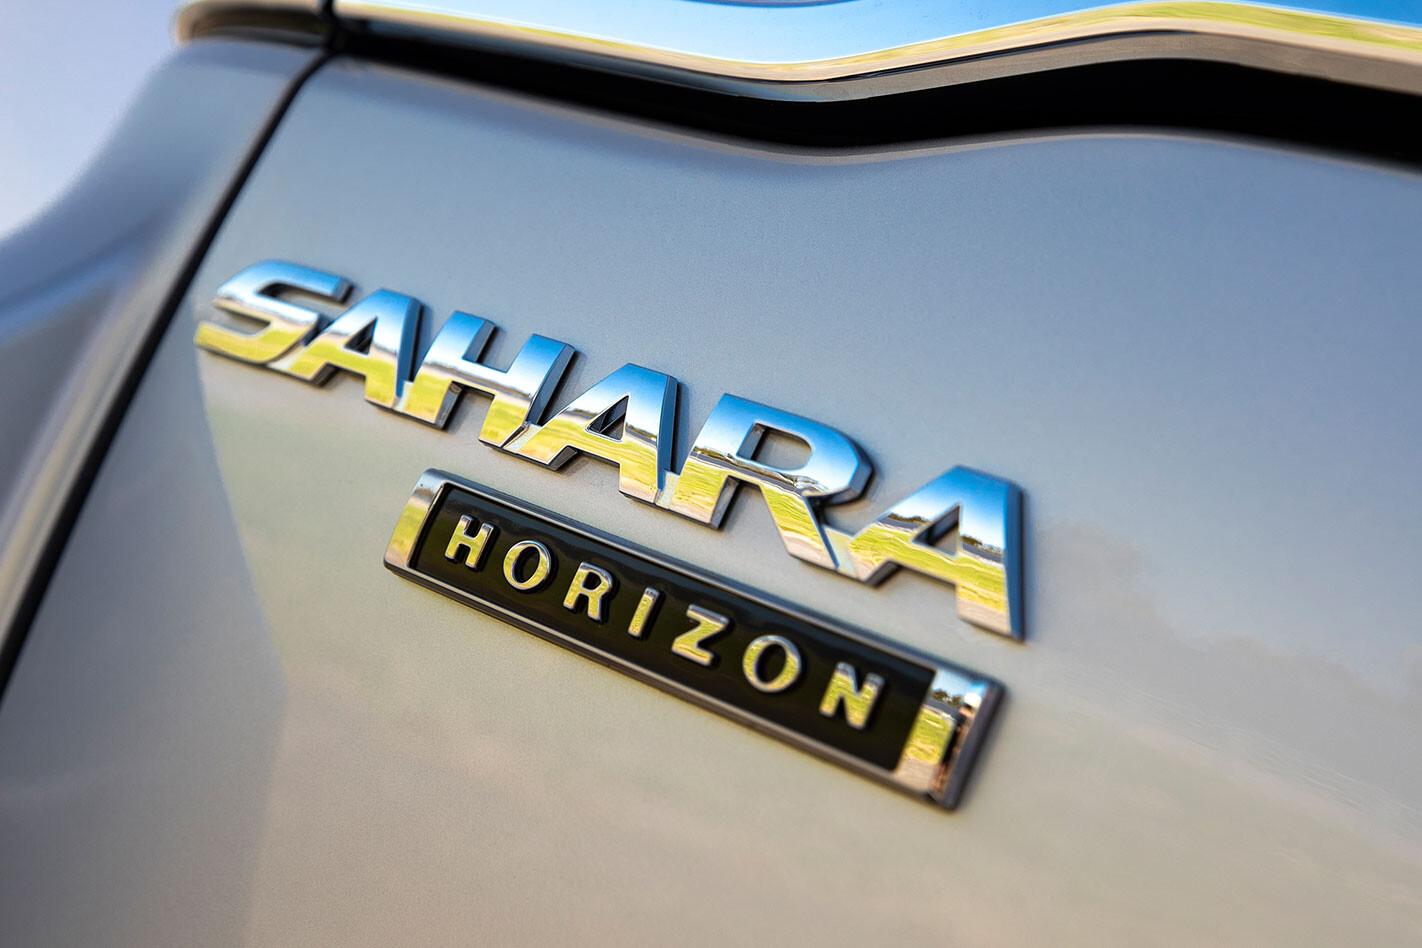 2021 Sahara Horizon